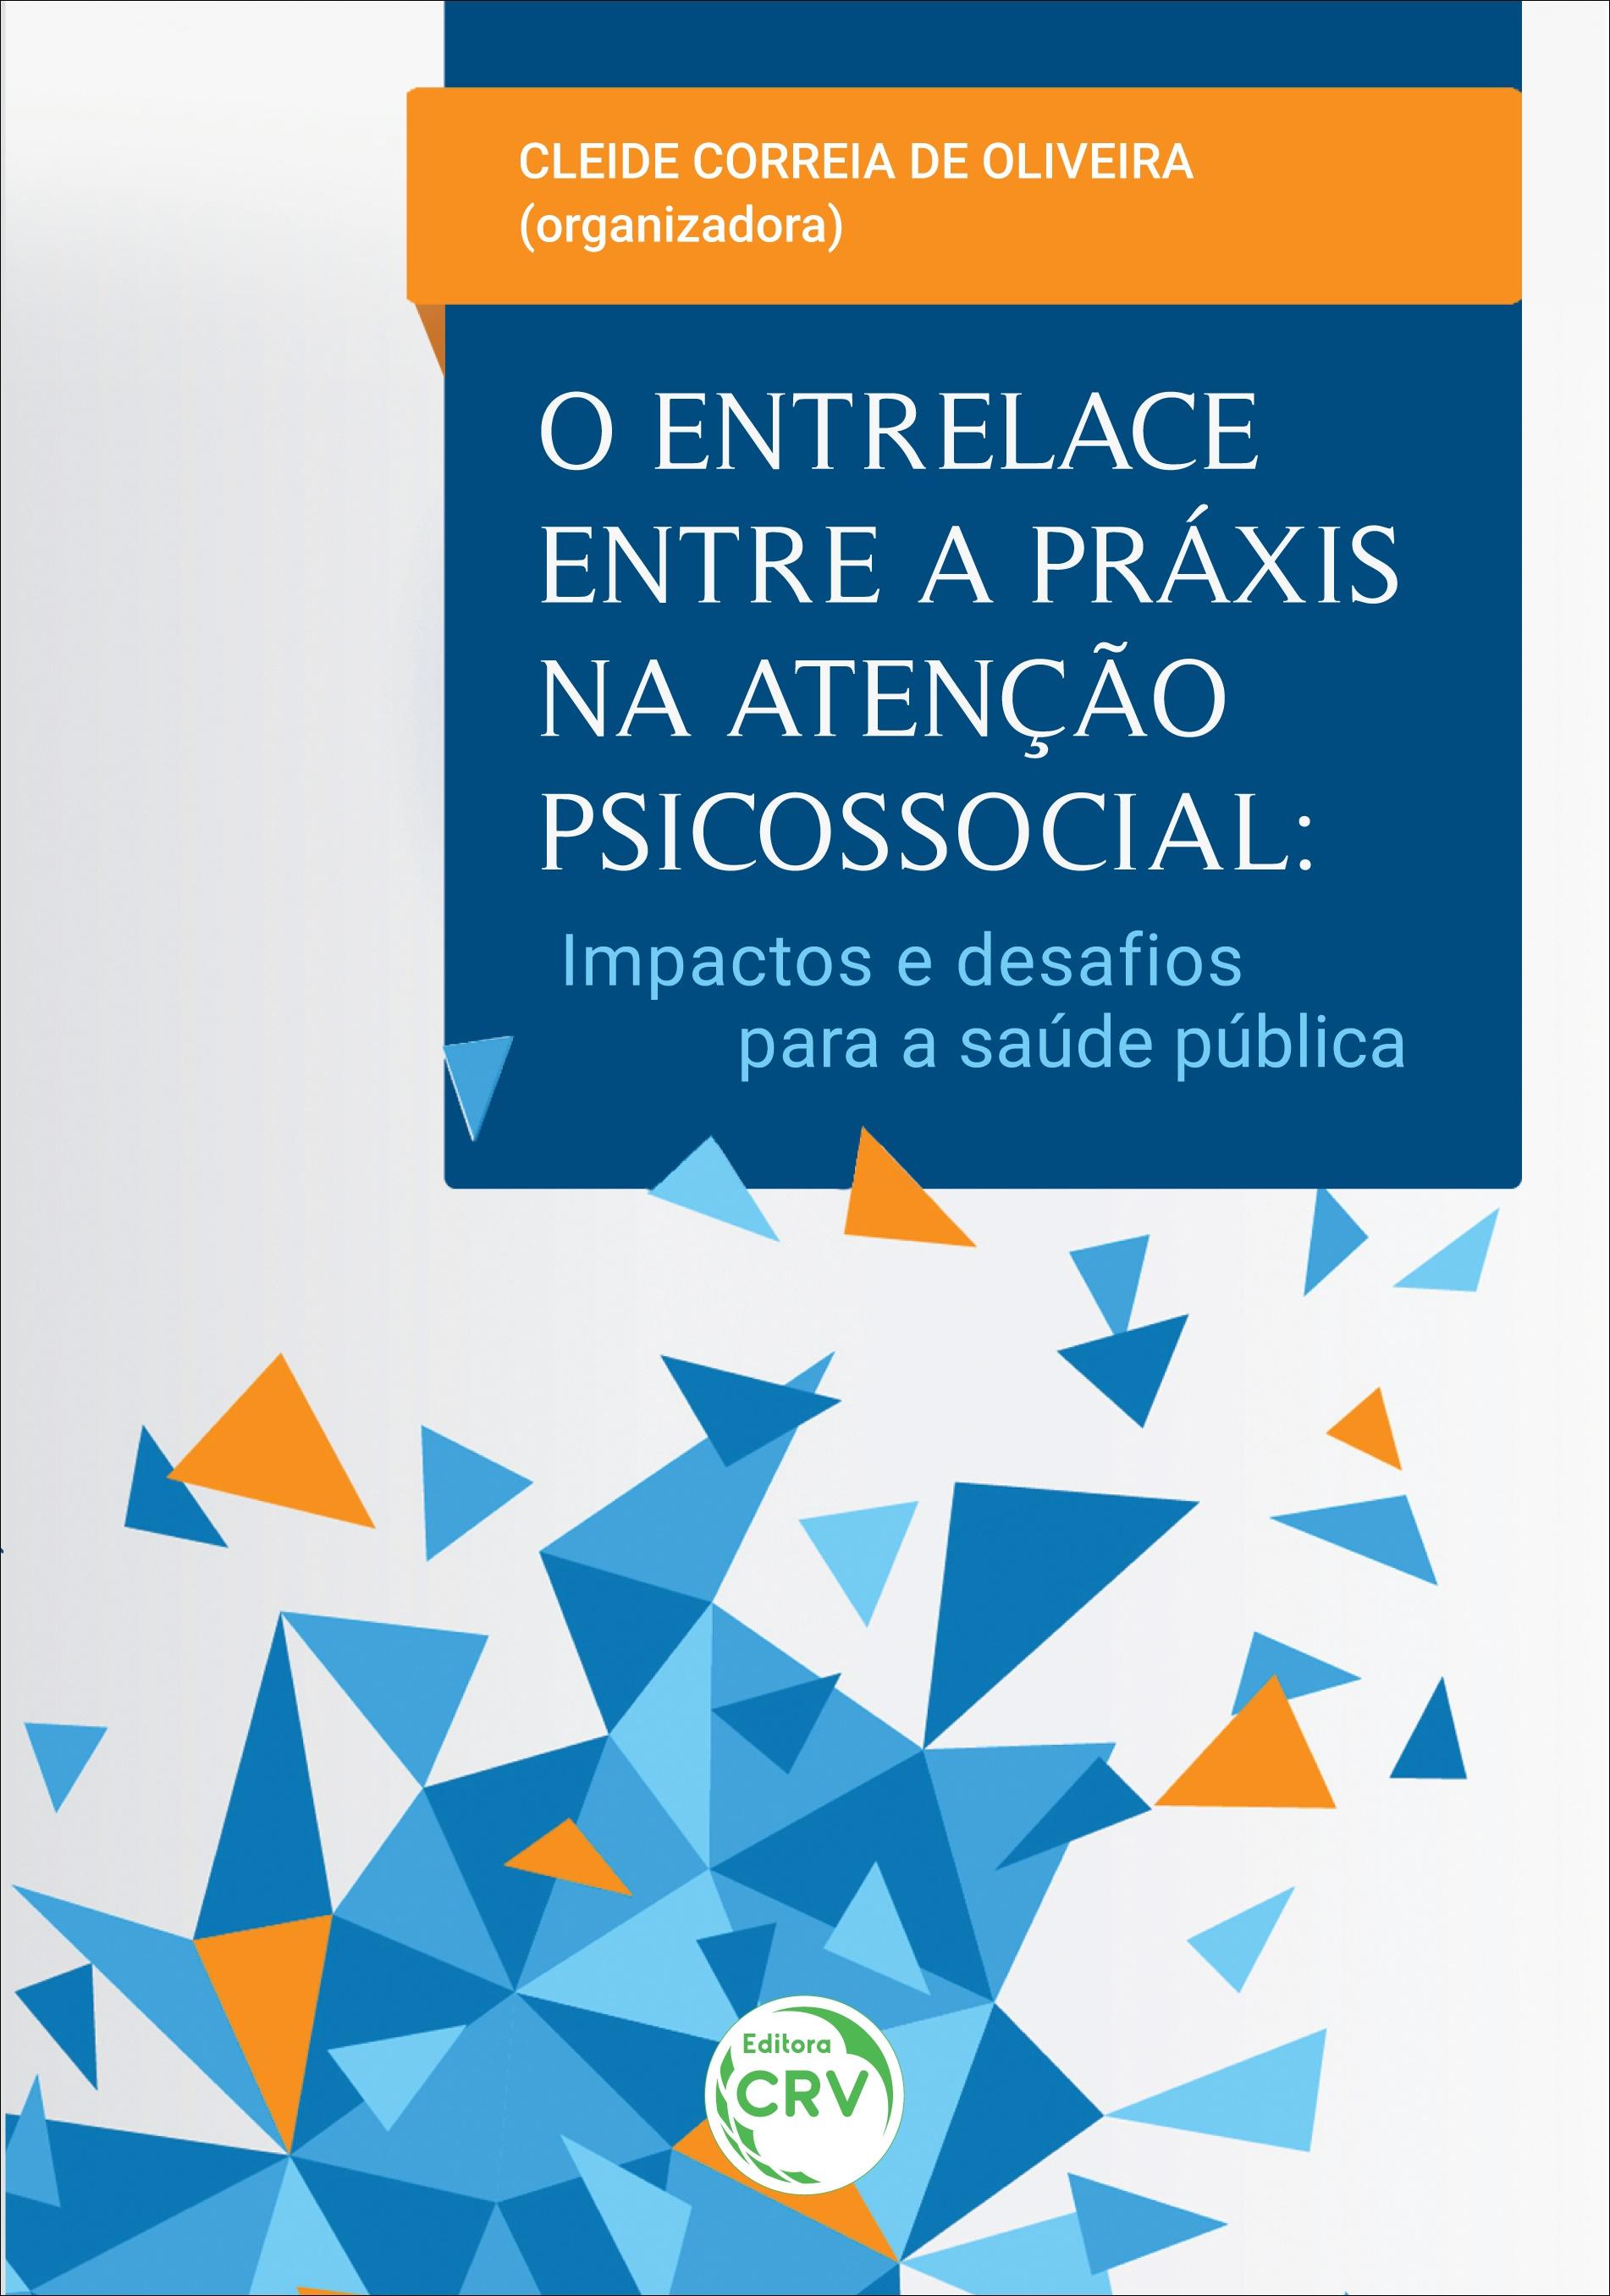 Capa do livro: O ENTRELAÇE ENTRE A PRÁXIS NA ATENÇÃO PSICOSSOCIAL:  <br>impactos e desafios para a saúde pública